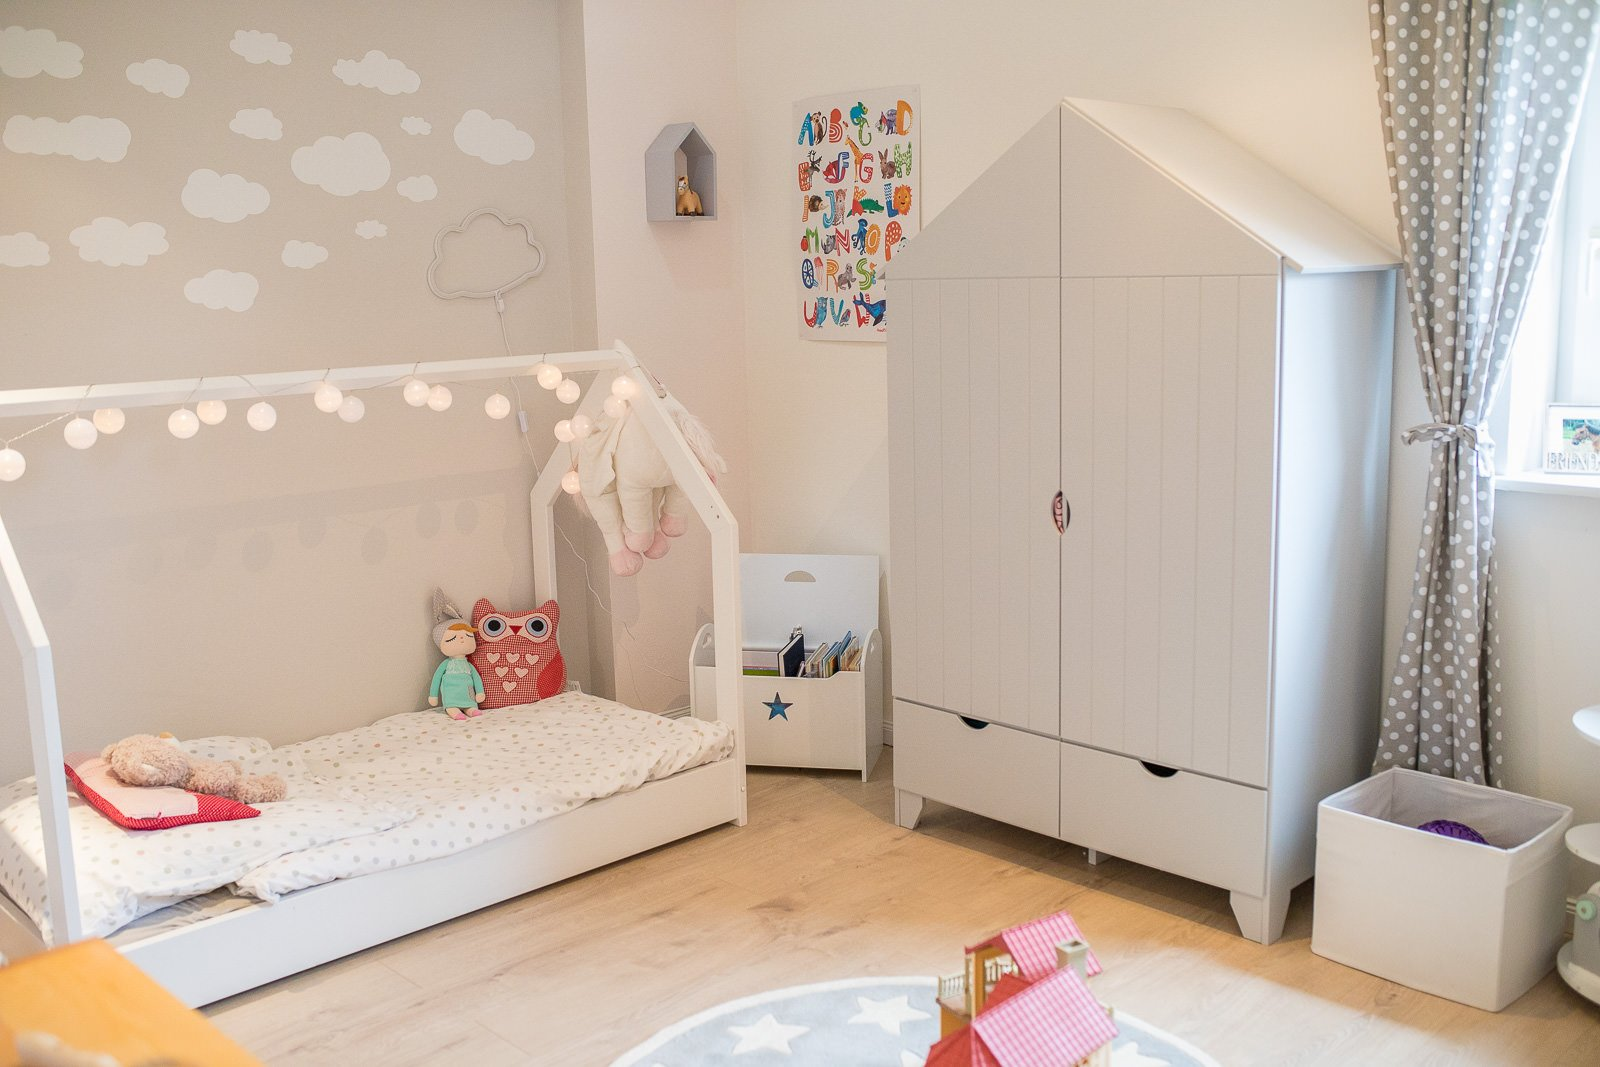 niedlich wolken malen kinderzimmer fotos die besten einrichtungsideen. Black Bedroom Furniture Sets. Home Design Ideas